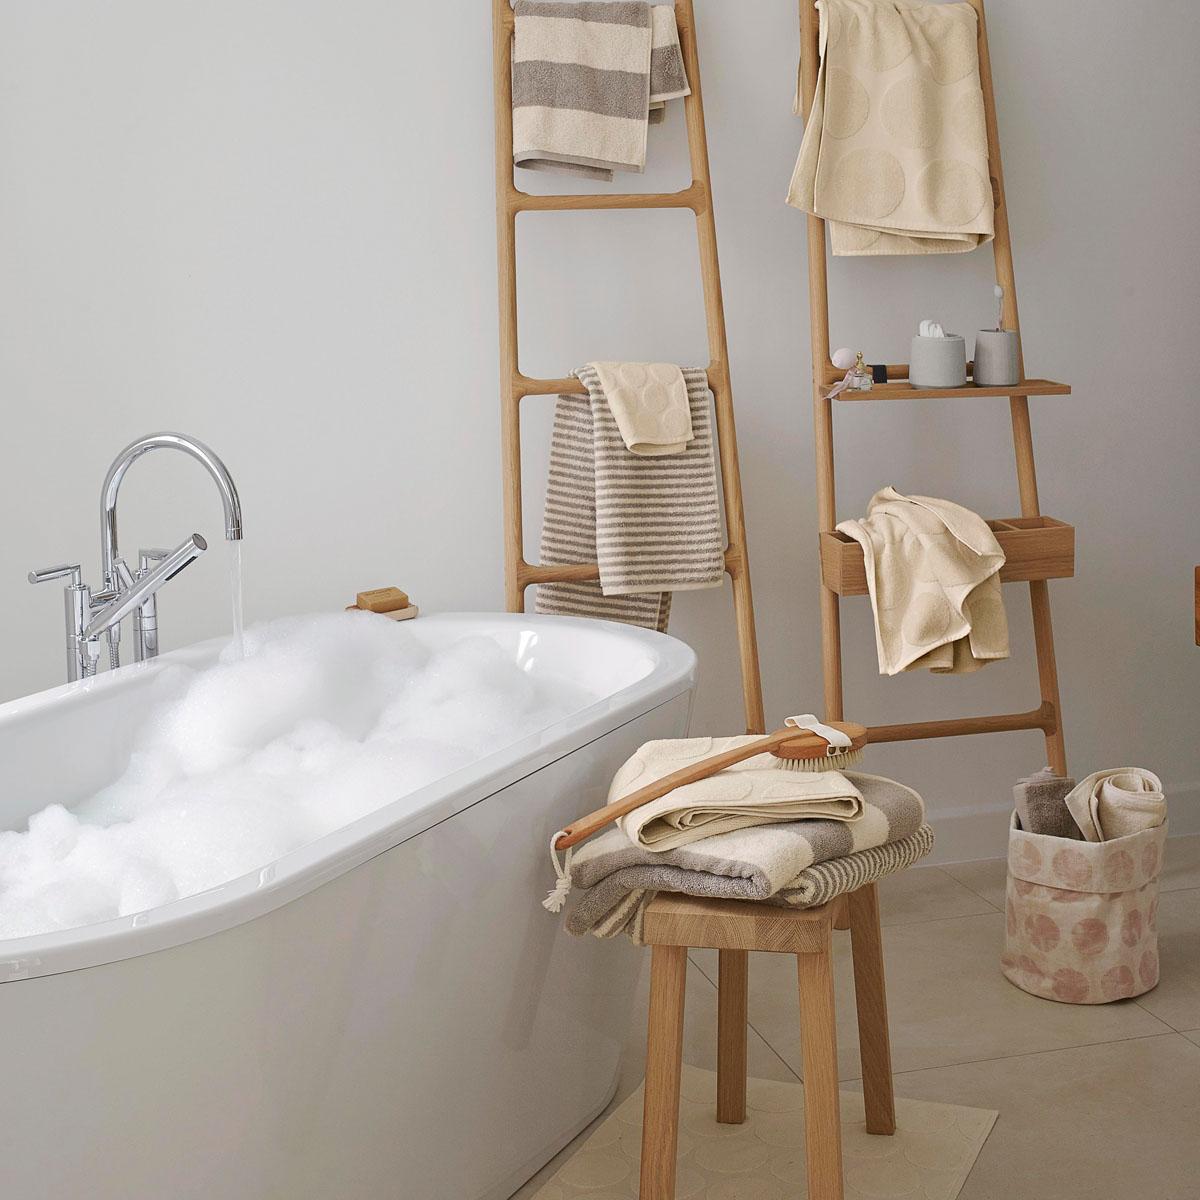 die rettung nach dem duschen hessnatur magazin. Black Bedroom Furniture Sets. Home Design Ideas